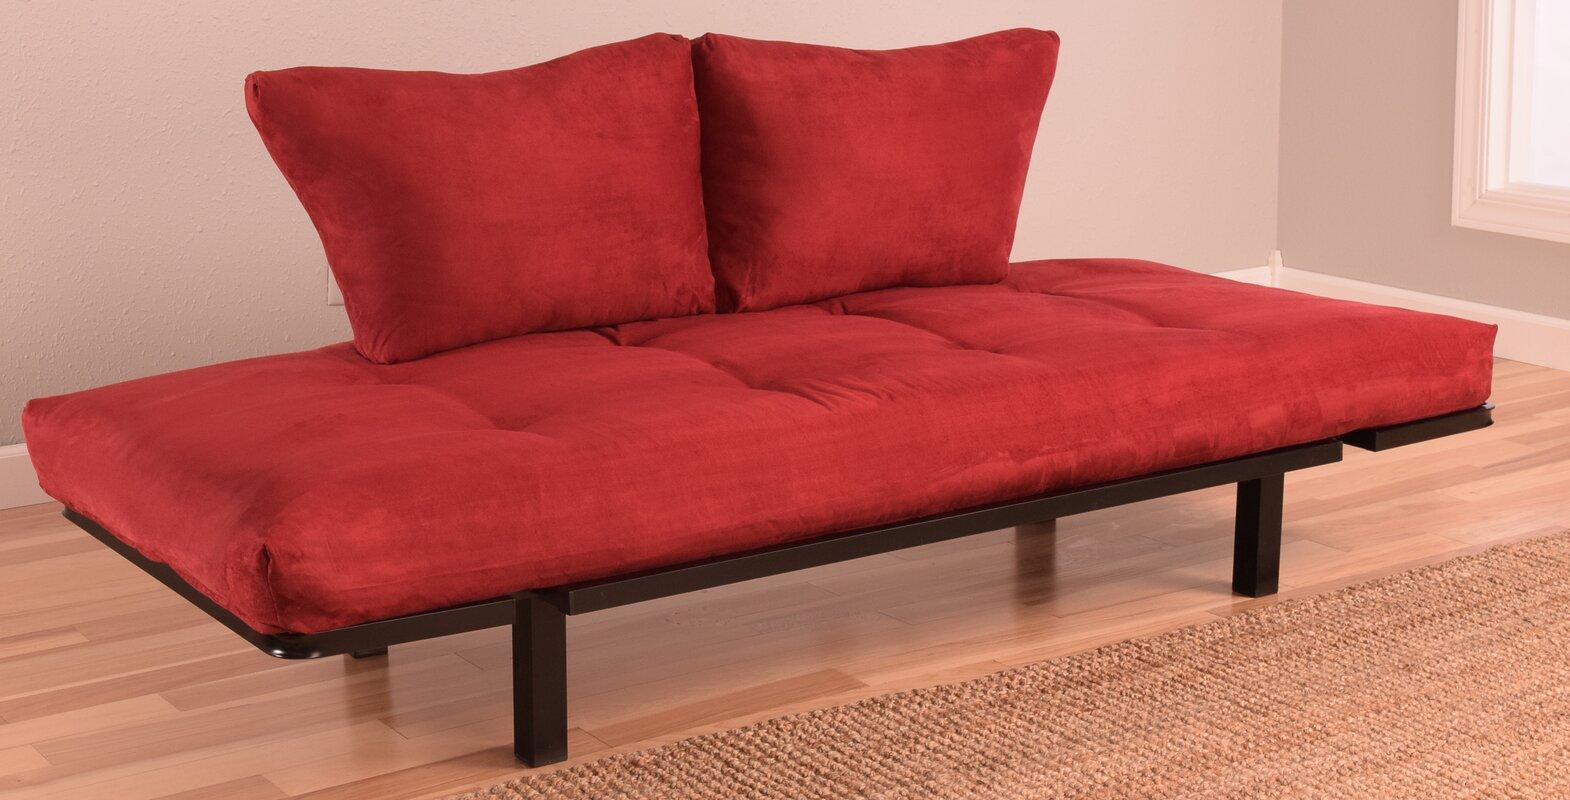 everett convertible futon and mattress ebern designs everett convertible futon and mattress  u0026 reviews      rh   wayfair